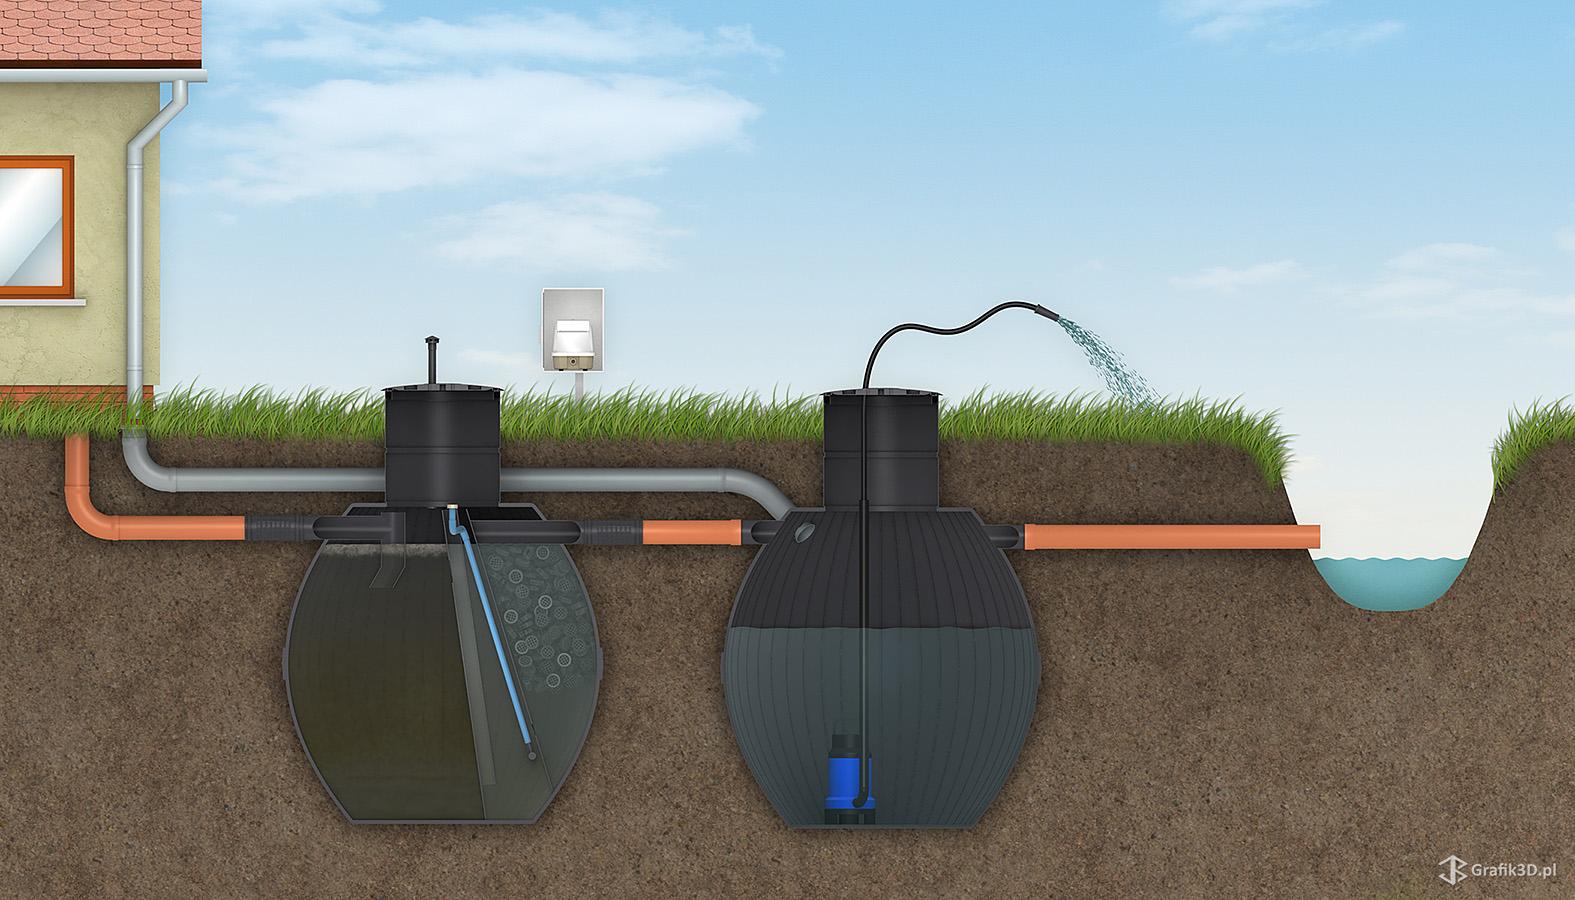 Schemat połączeń podziemnej instalacji odpływowej